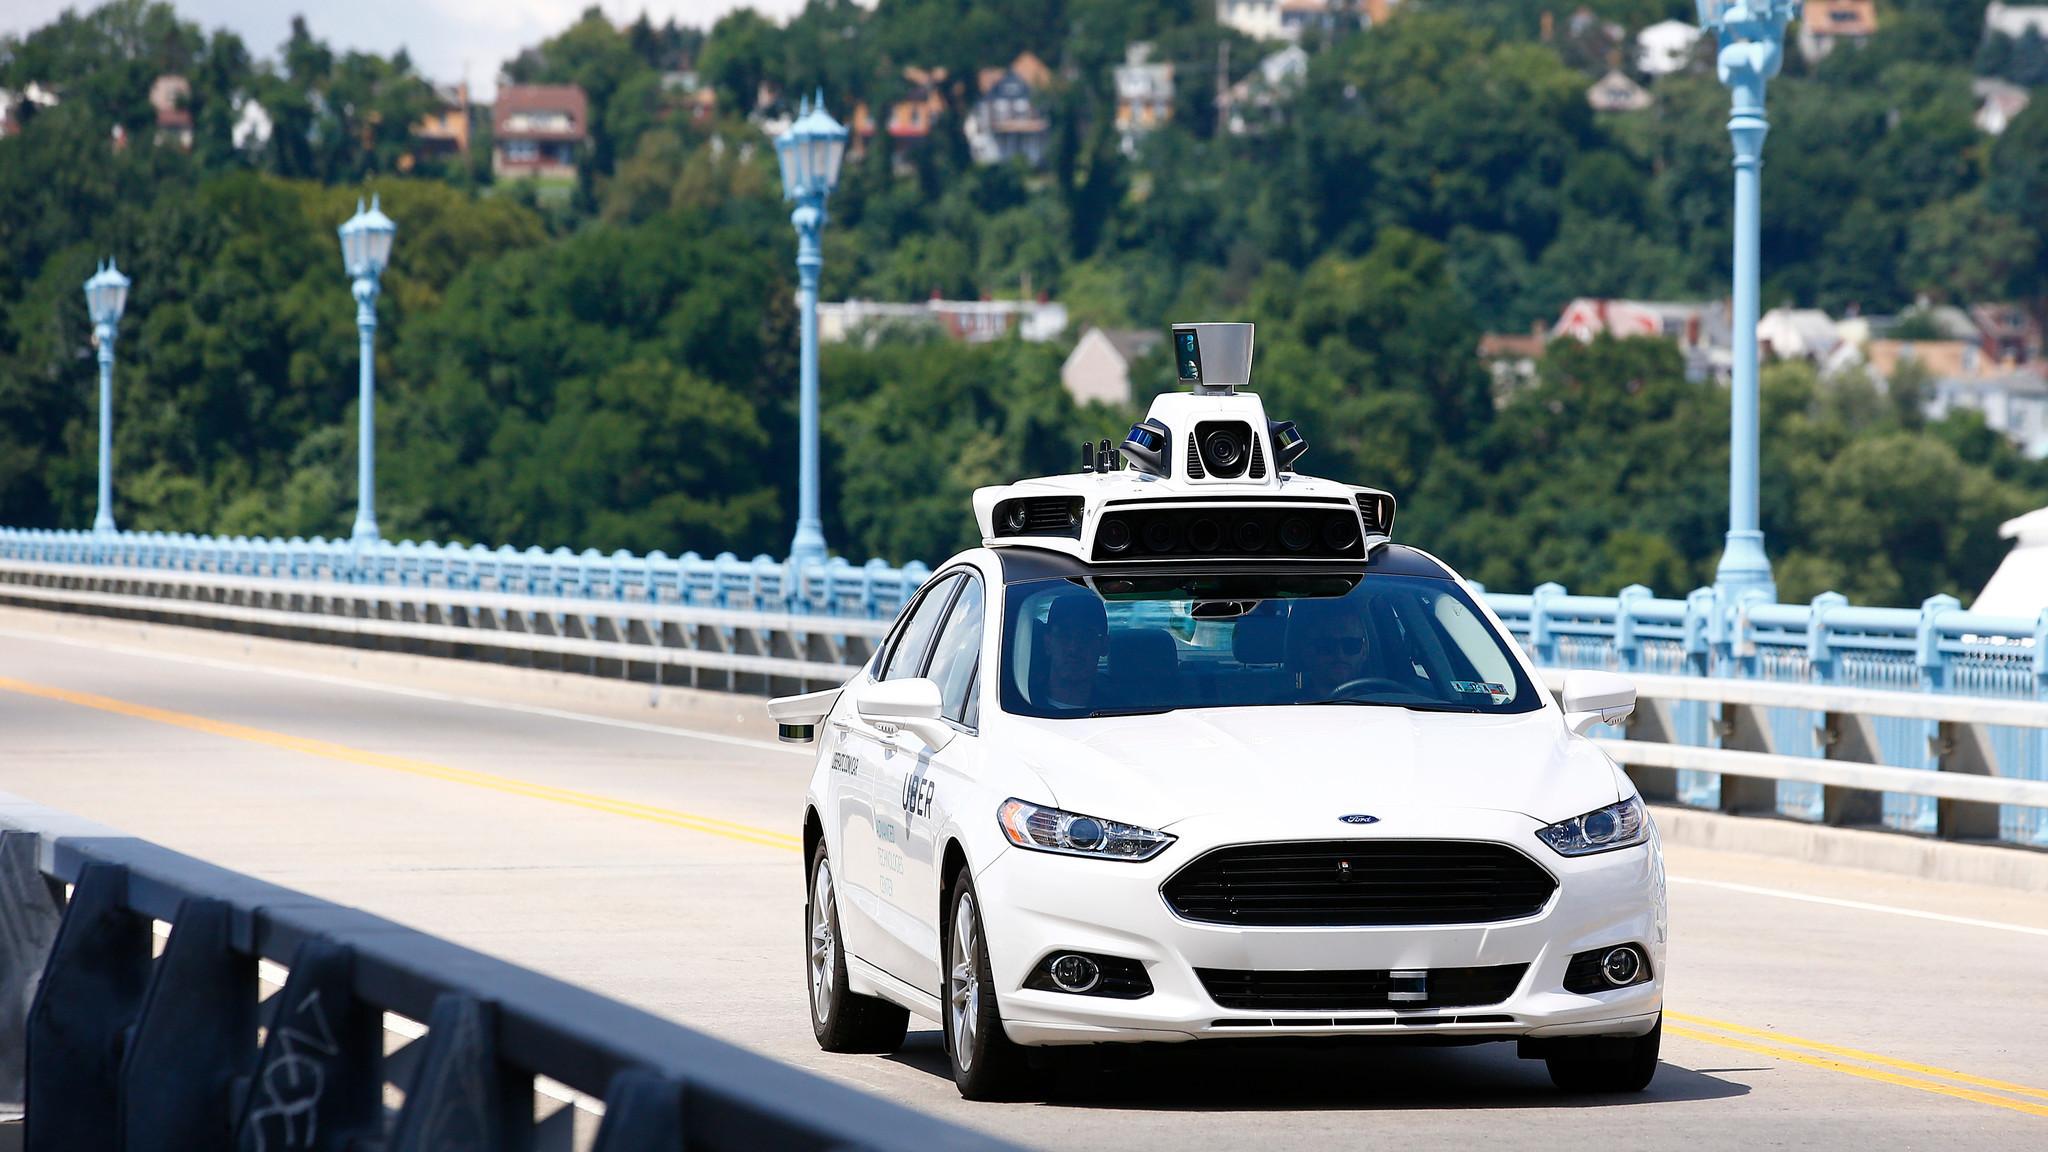 Autonomous vehicles could cost America 5 million jobs What should